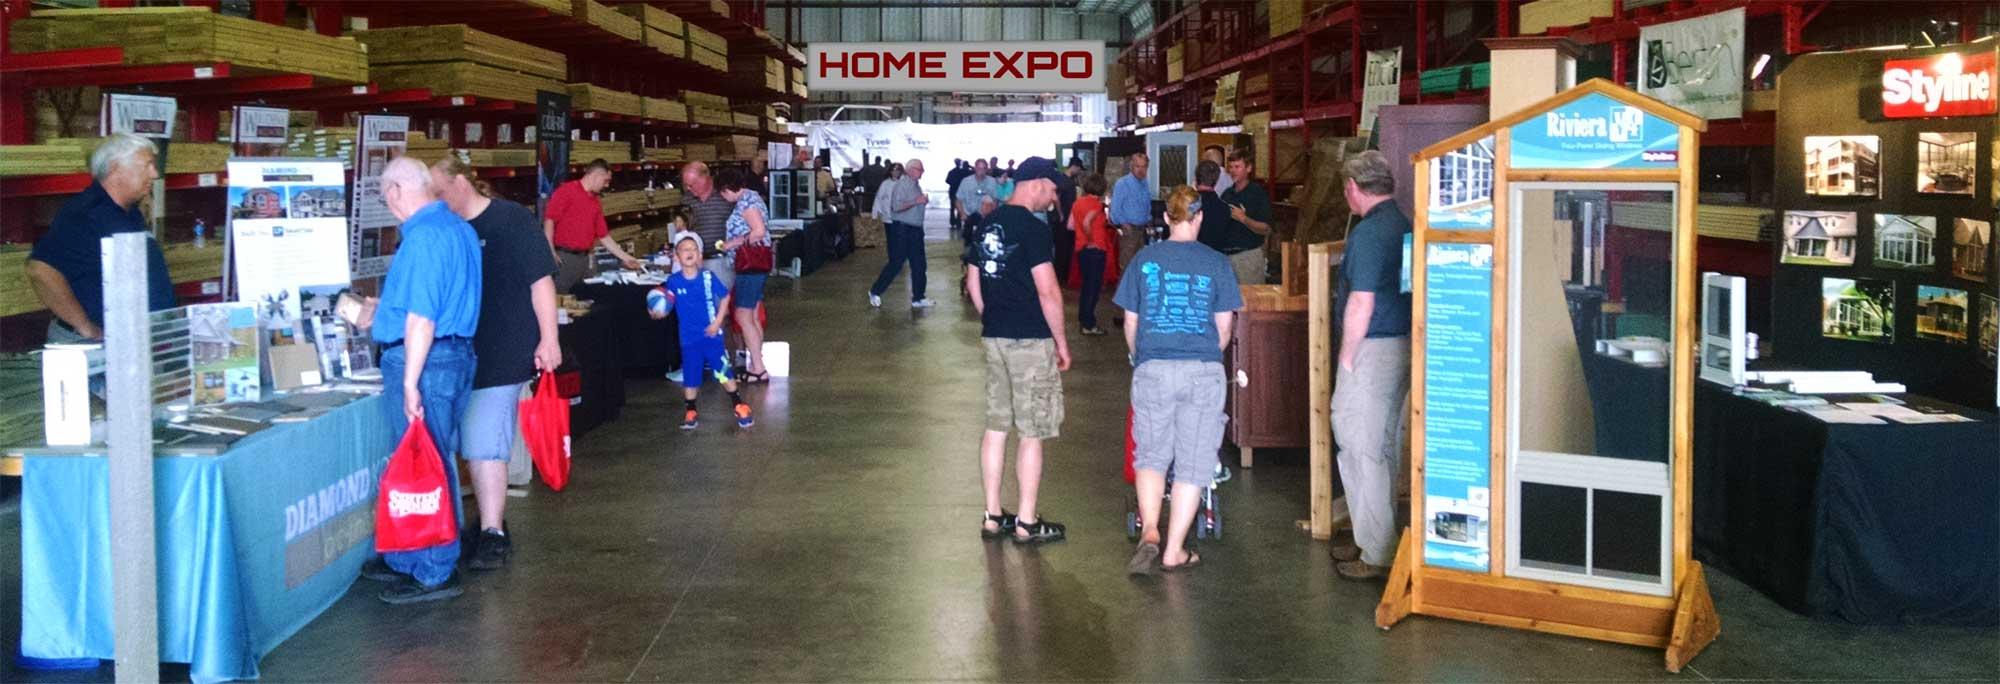 Home Expo Main